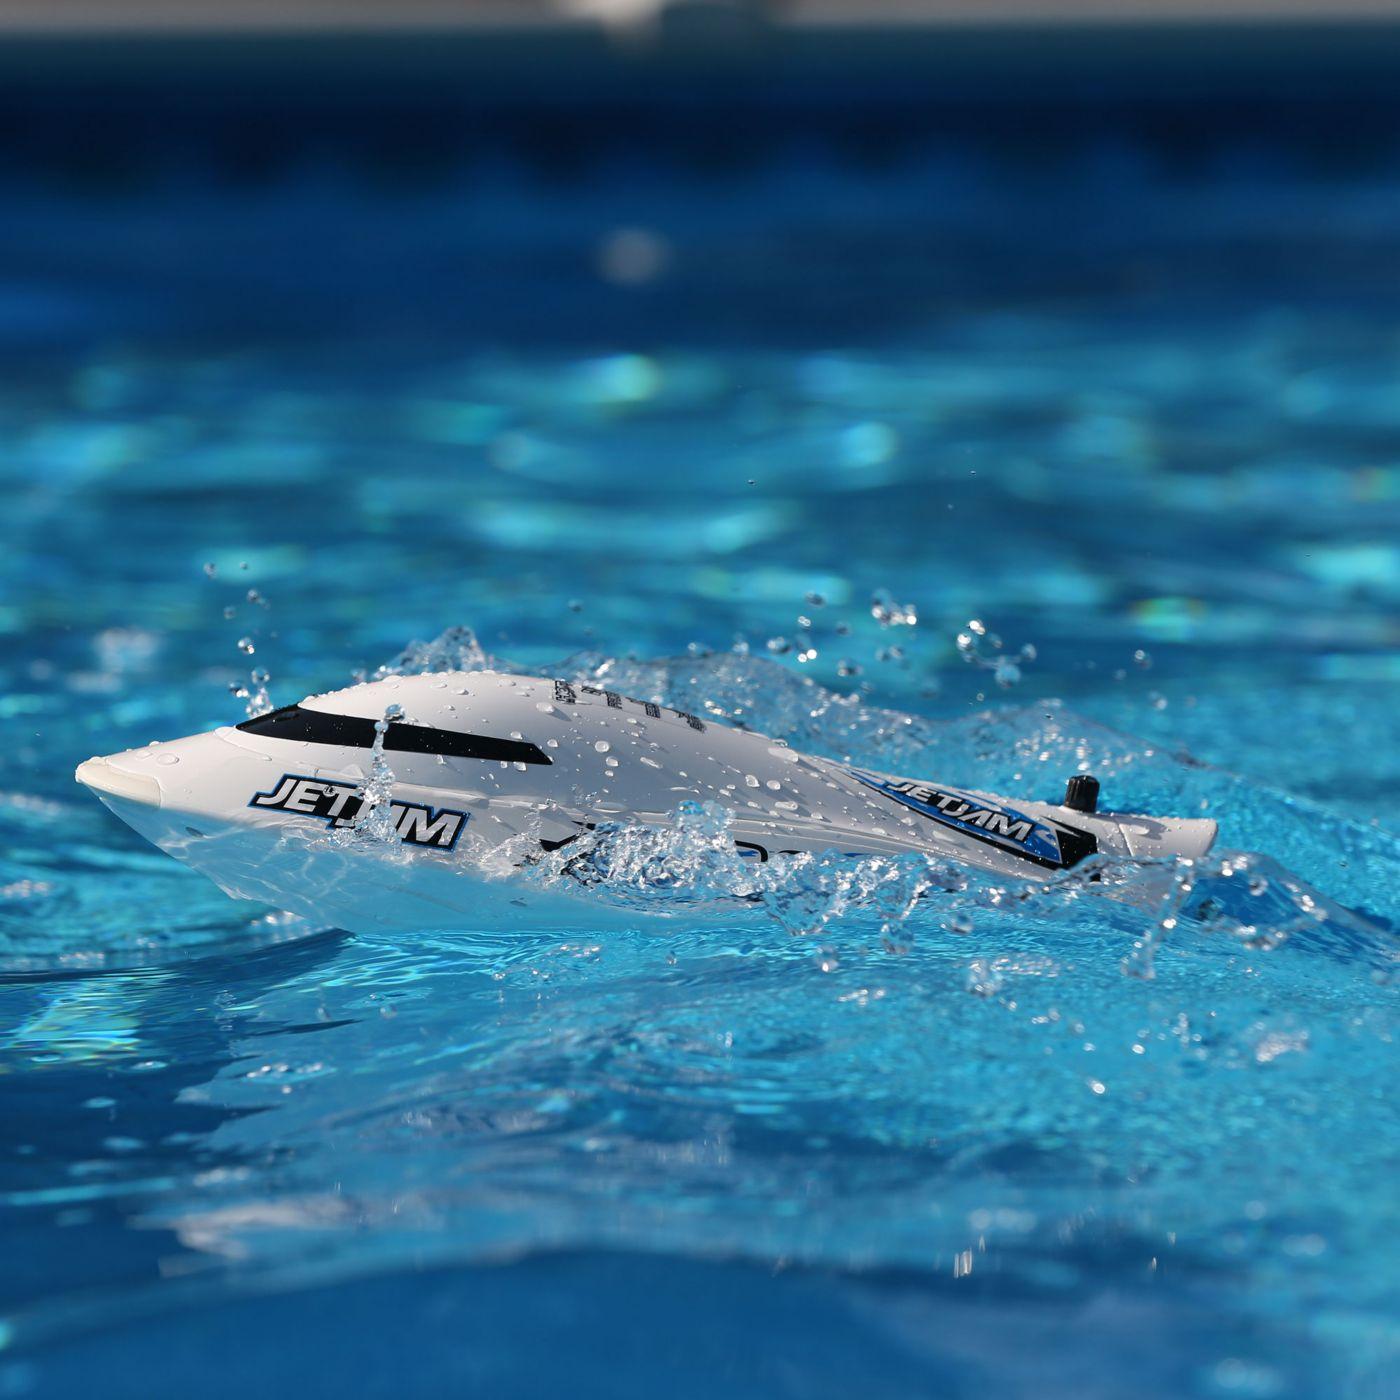 ProBoat Jet Jam 12 Jet Boat RTR 02